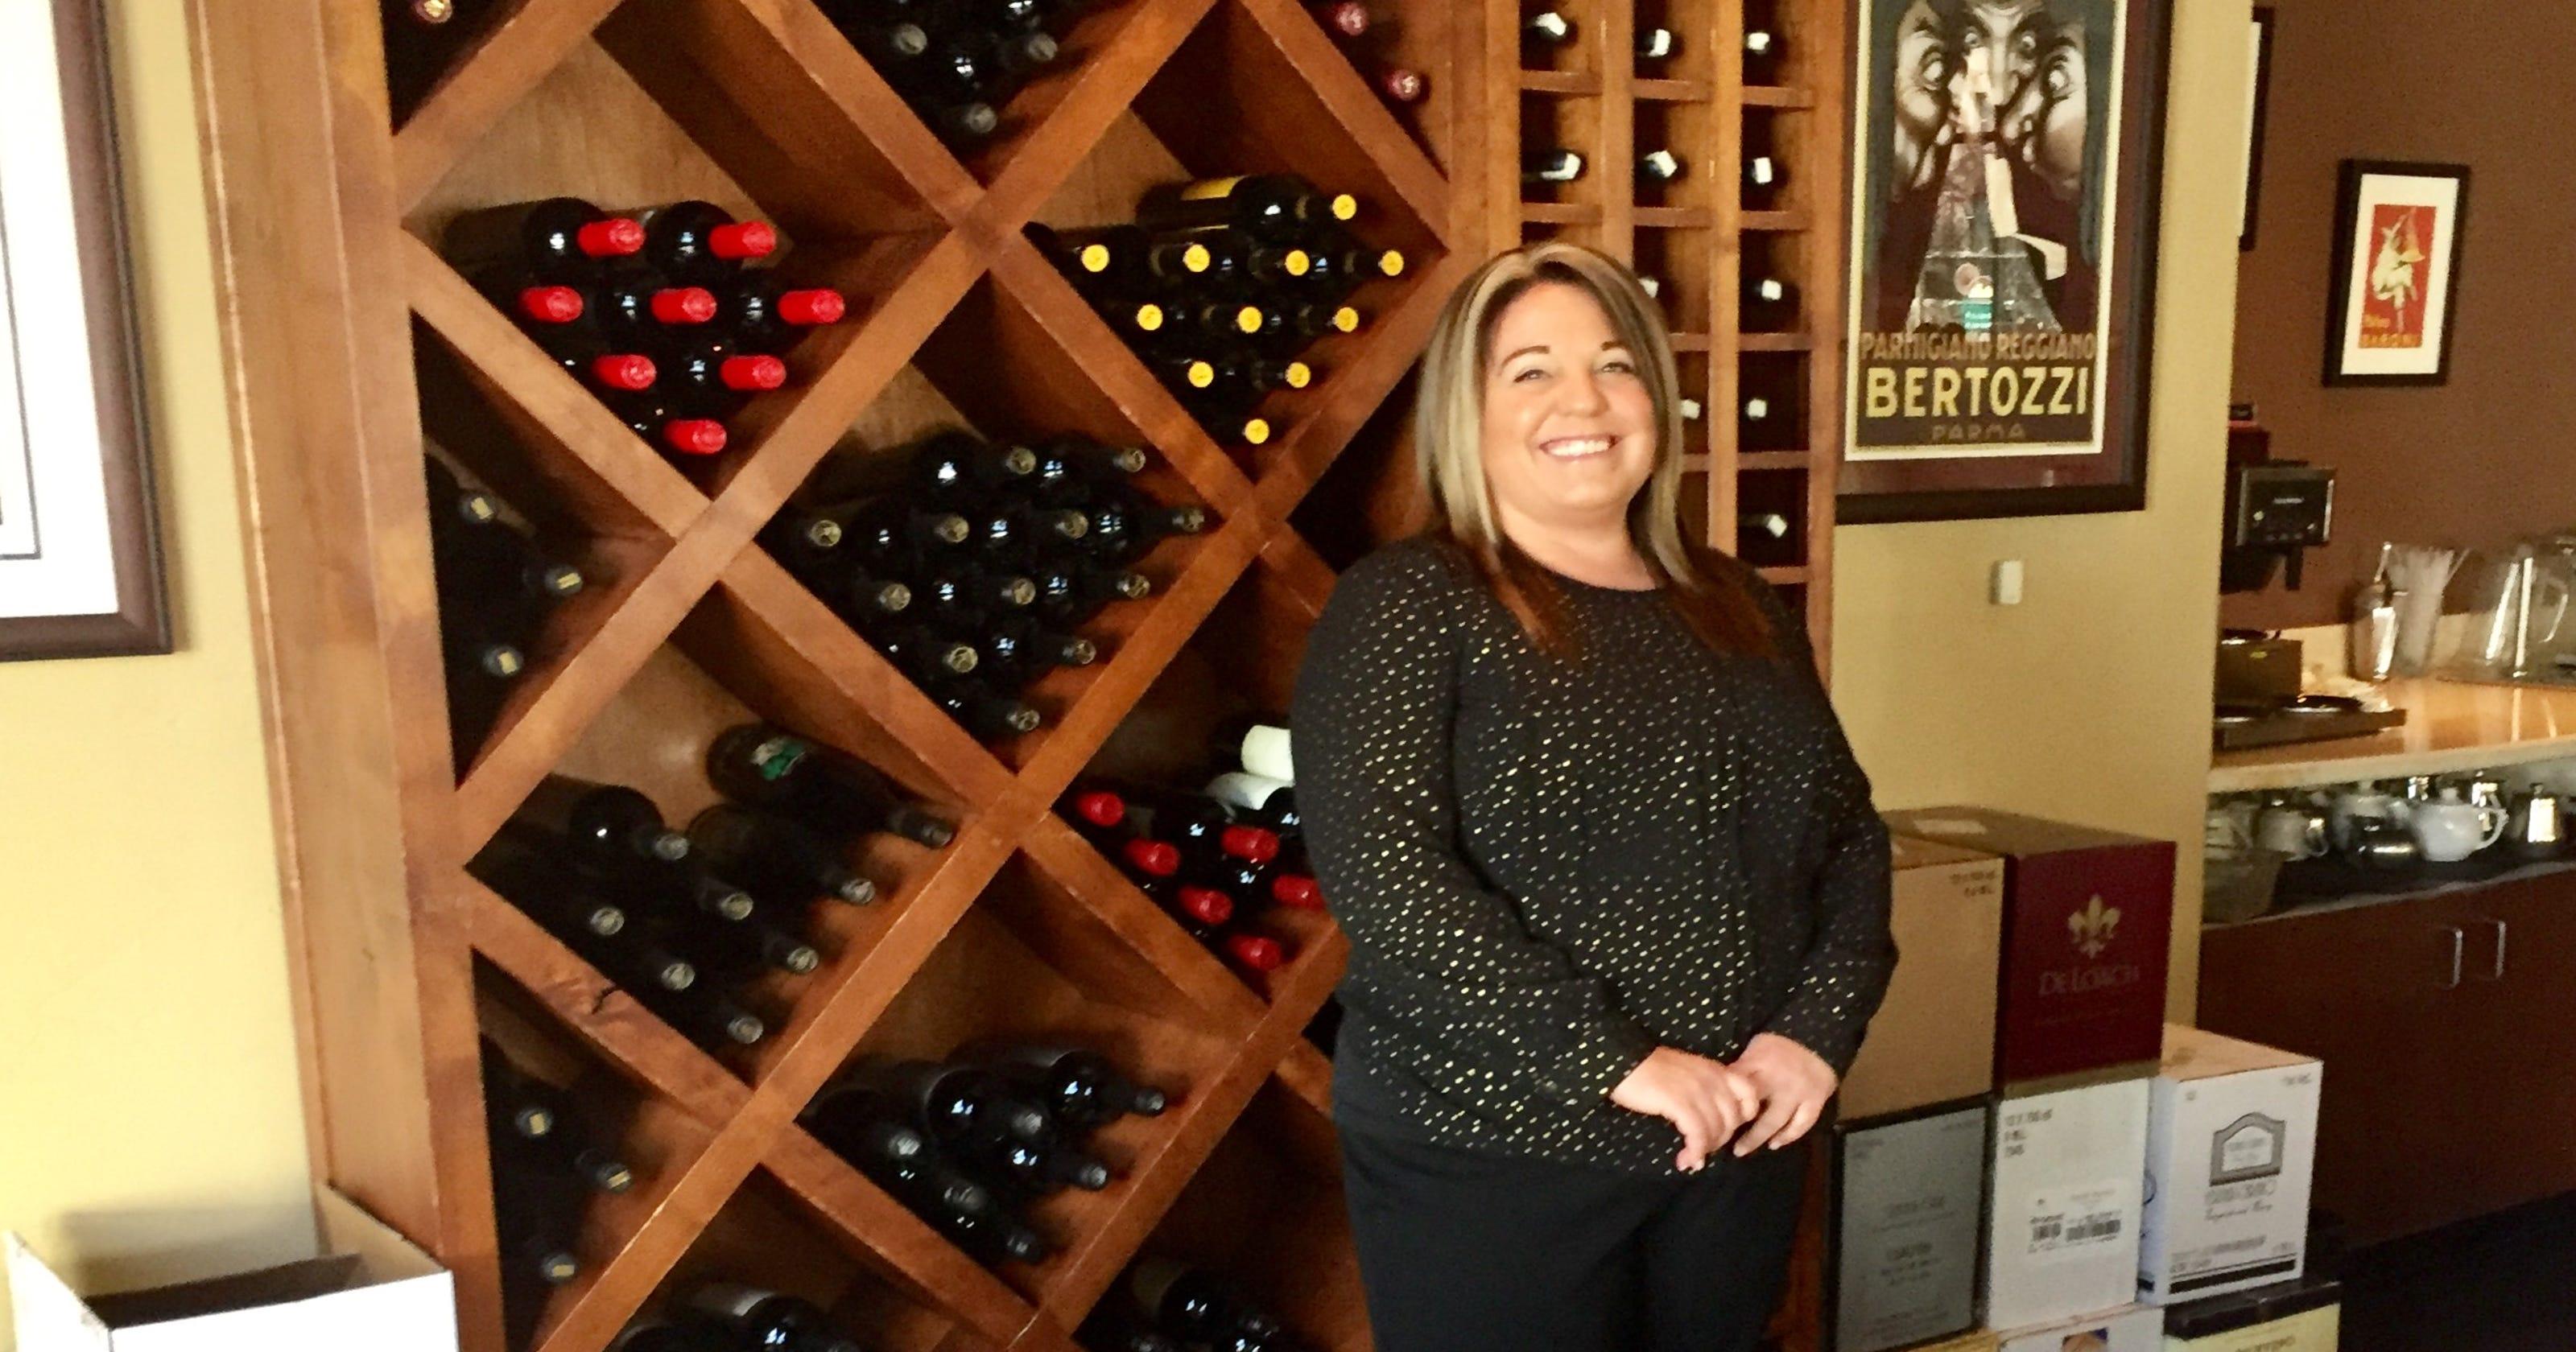 Meet the new owner of beloved La Famiglia restaurant of Reno